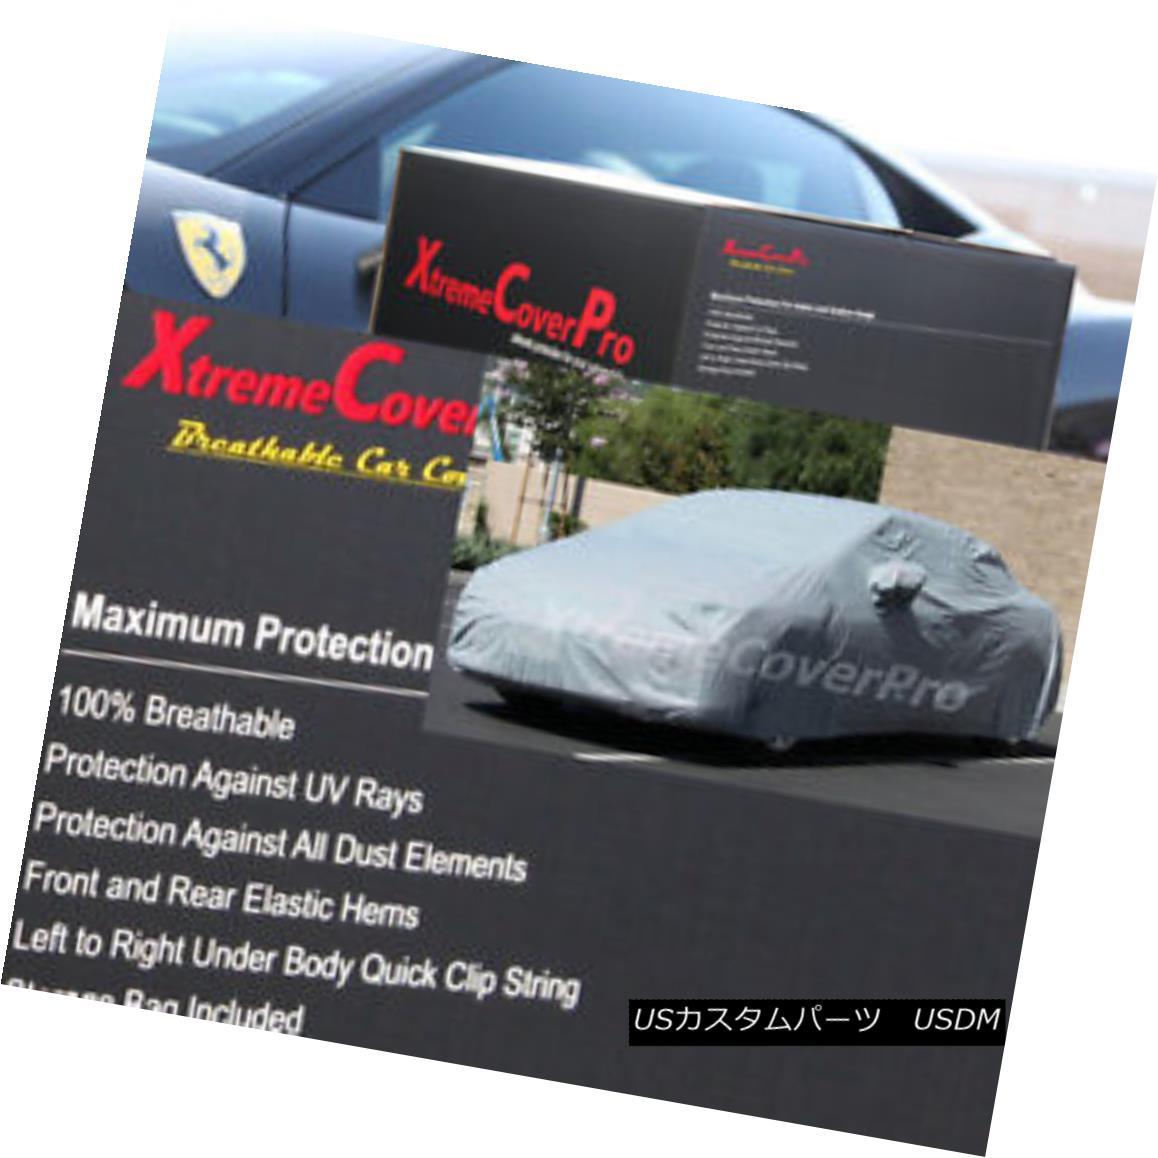 カーカバー 1999 2000 2001 2002 Pontiac Grand Am Breathable Car Cover w/MirrorPocket 1999 2000 2001 2002ポルティアックグランドアム通気性車カバー付きMirrorPocket